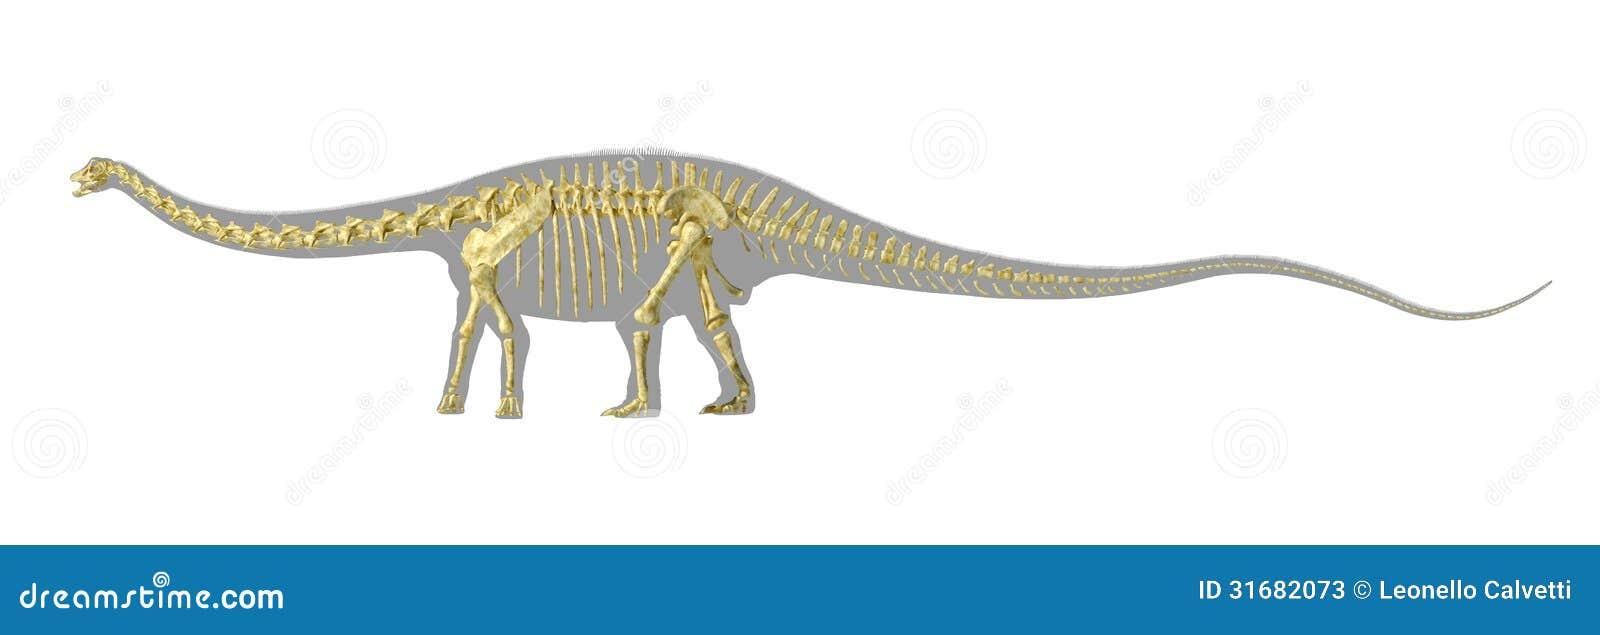 Silueta Del Dinosaurio Del Diplodocus, Con El Esqueleto ...